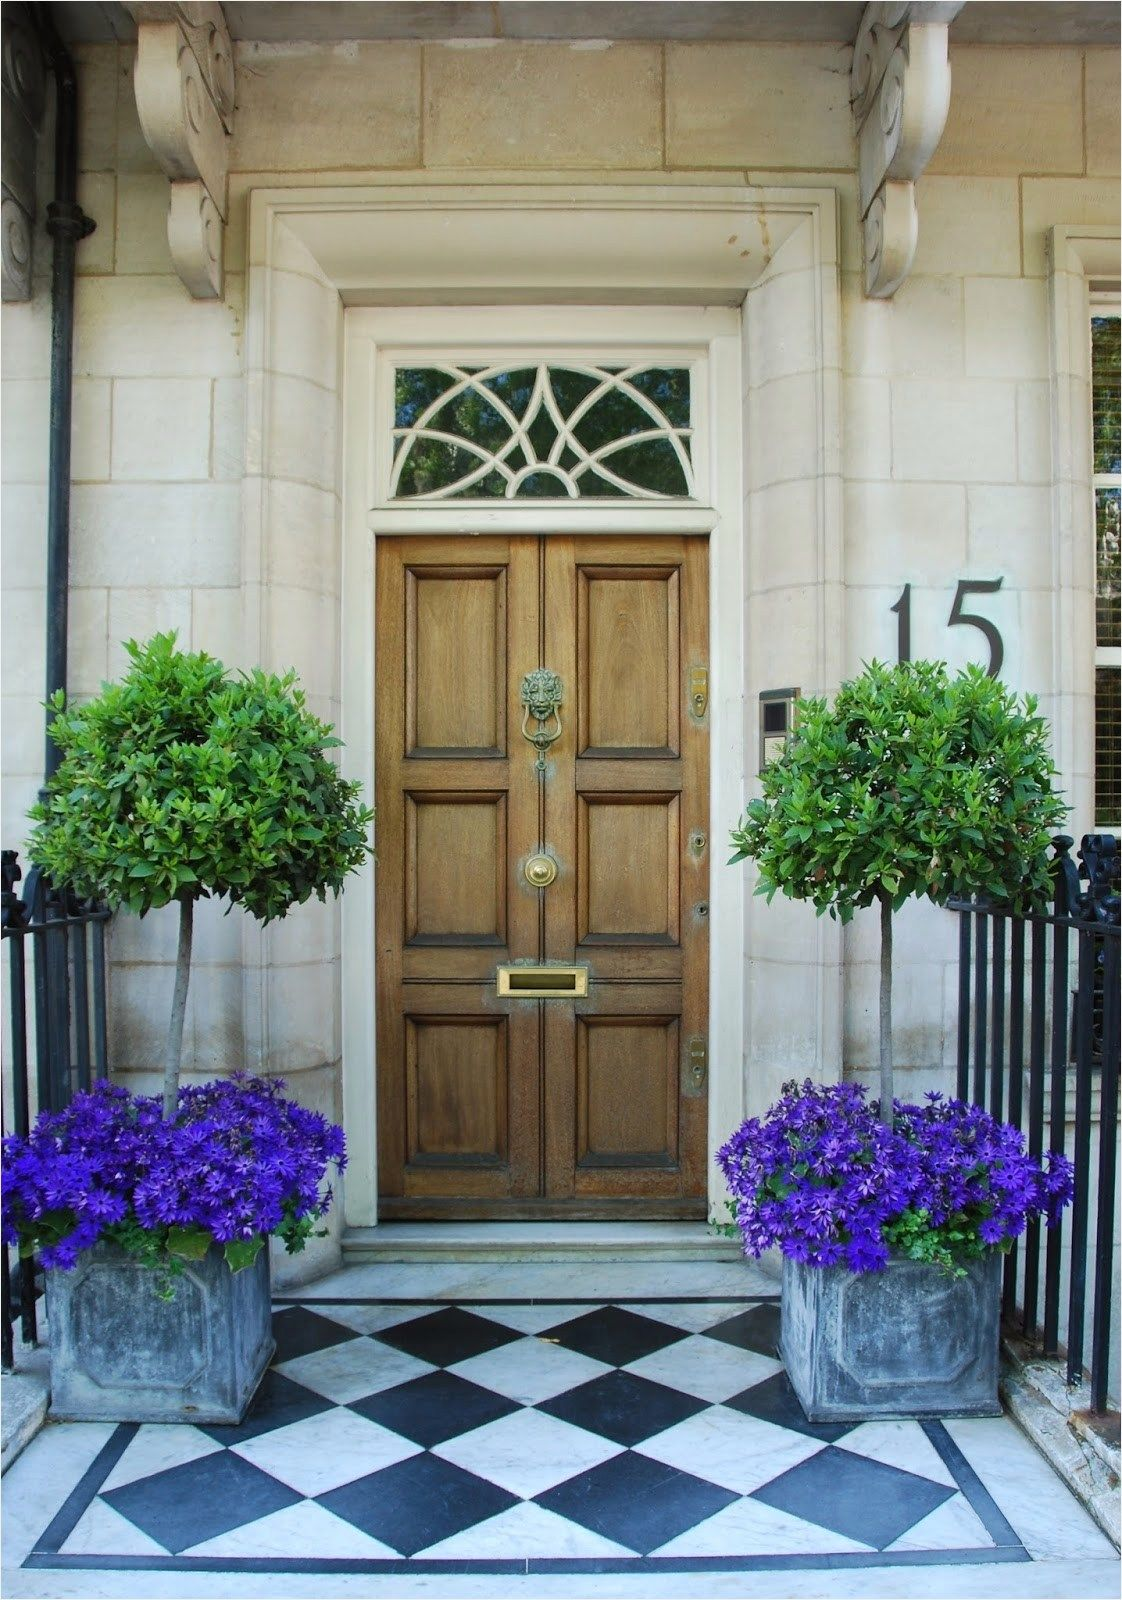 Best Entry Doors 2020 Outdoor Potted Plant Entryway Ideas | june 2020 | Best front doors